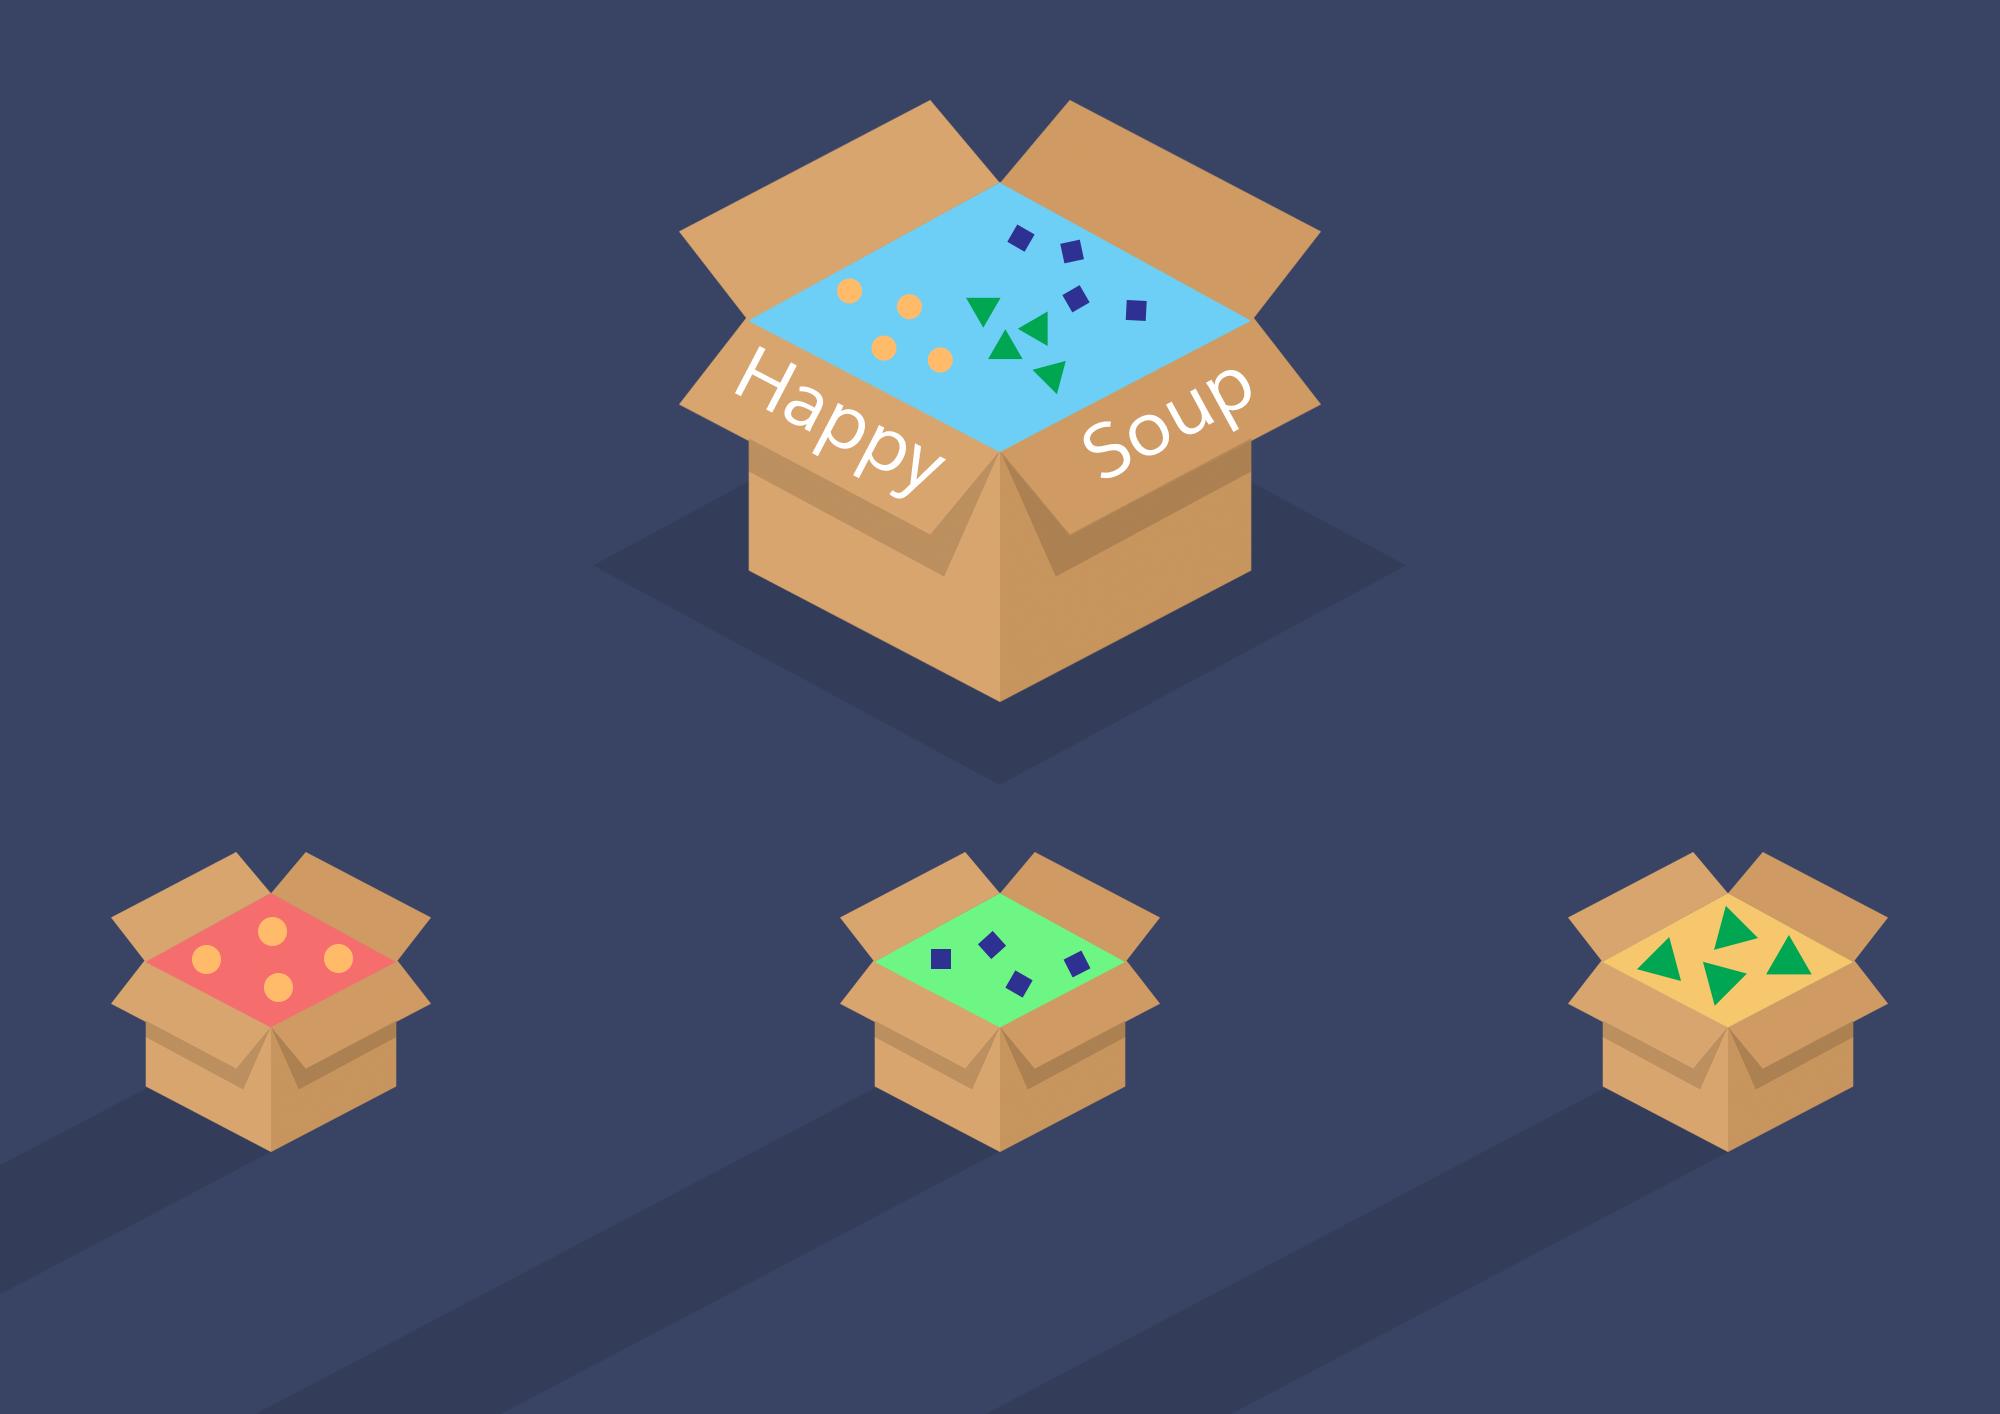 Ein Karton voller glückbringender Suppe mit unterschiedlichen geometrischen Formen, die verschiedene Metadaten darstellen. Darunter befinden sich drei Kartons mit jeweils einer bestimmten geometrischen Form, die zeigen, wie Sie Ihre Metadaten in Paketen organisieren.